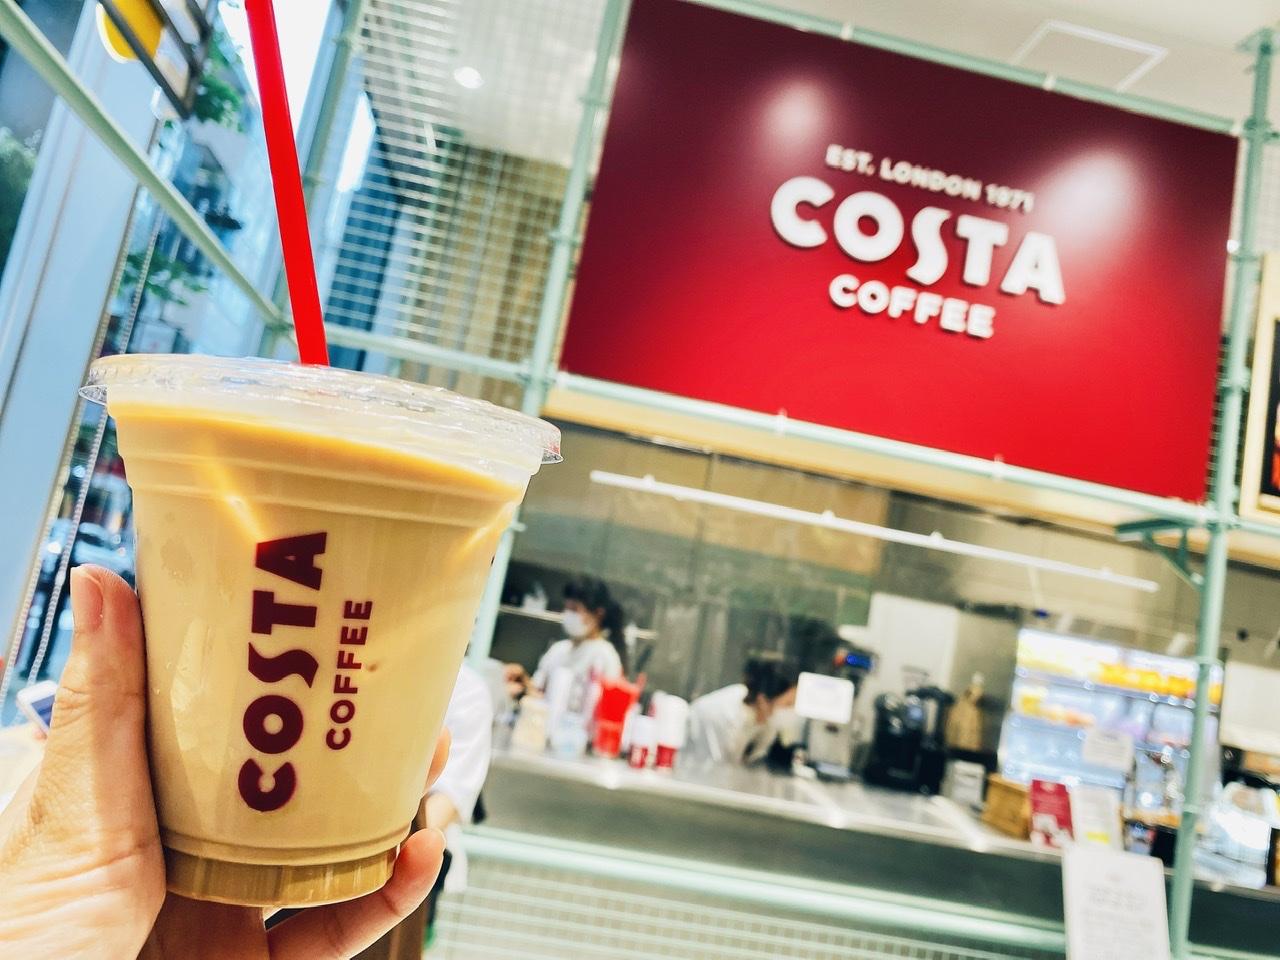 【銀座カフェ】日本初上陸!ロンドン発《コスタコーヒー》が期間限定でオープン♡_1